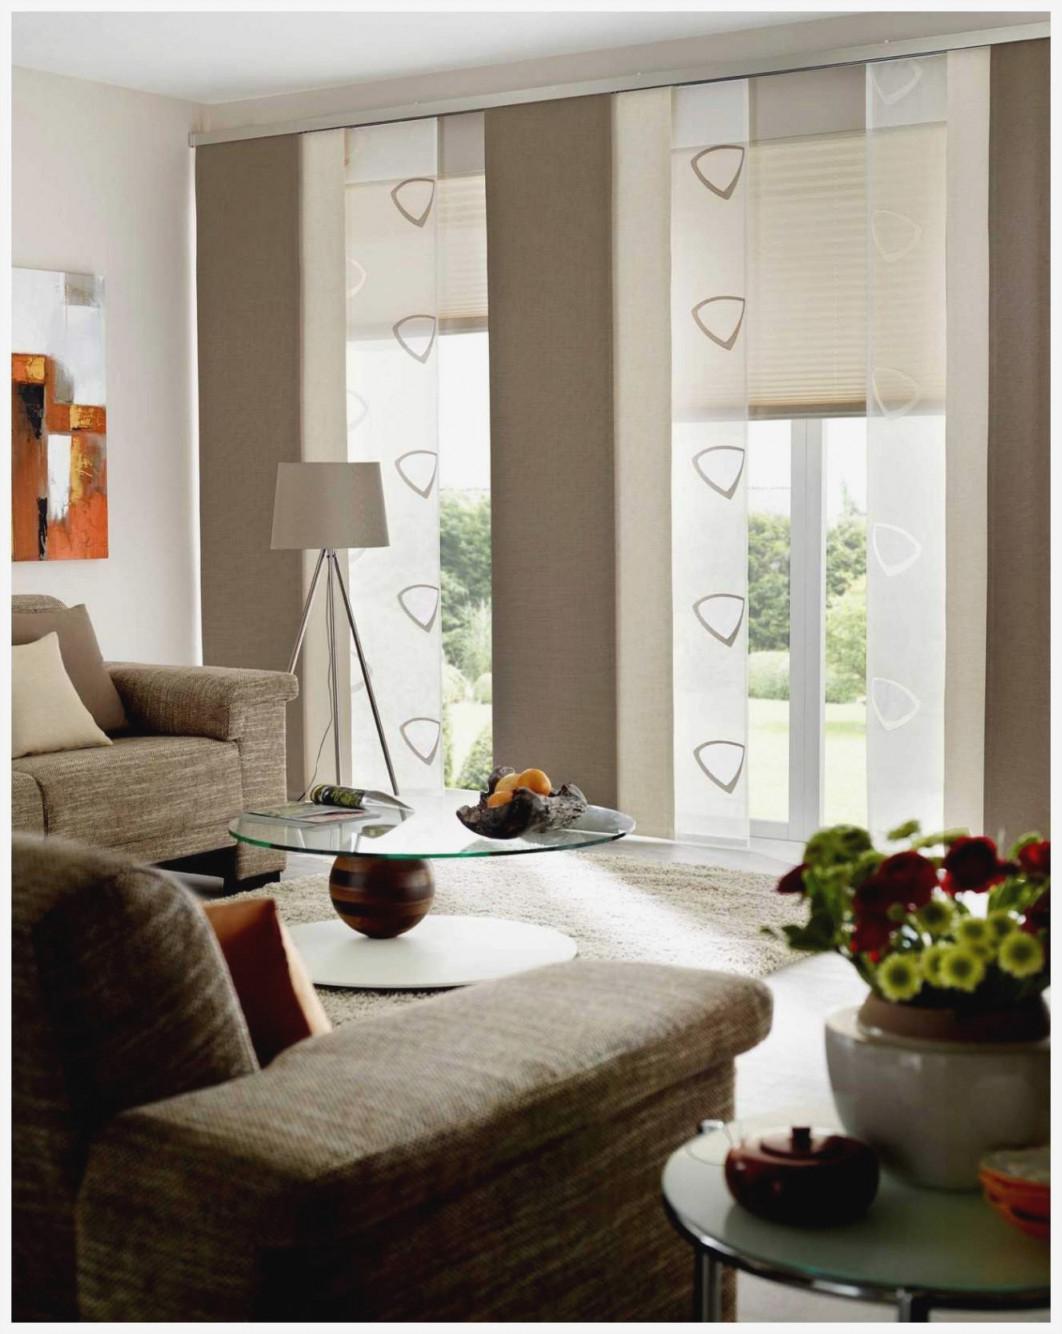 Deko Wohnzimmer Gardinen Mit Balkontür  Wohnzimmer von Wohnzimmer Gardinen Mit Balkontür Modern Bild